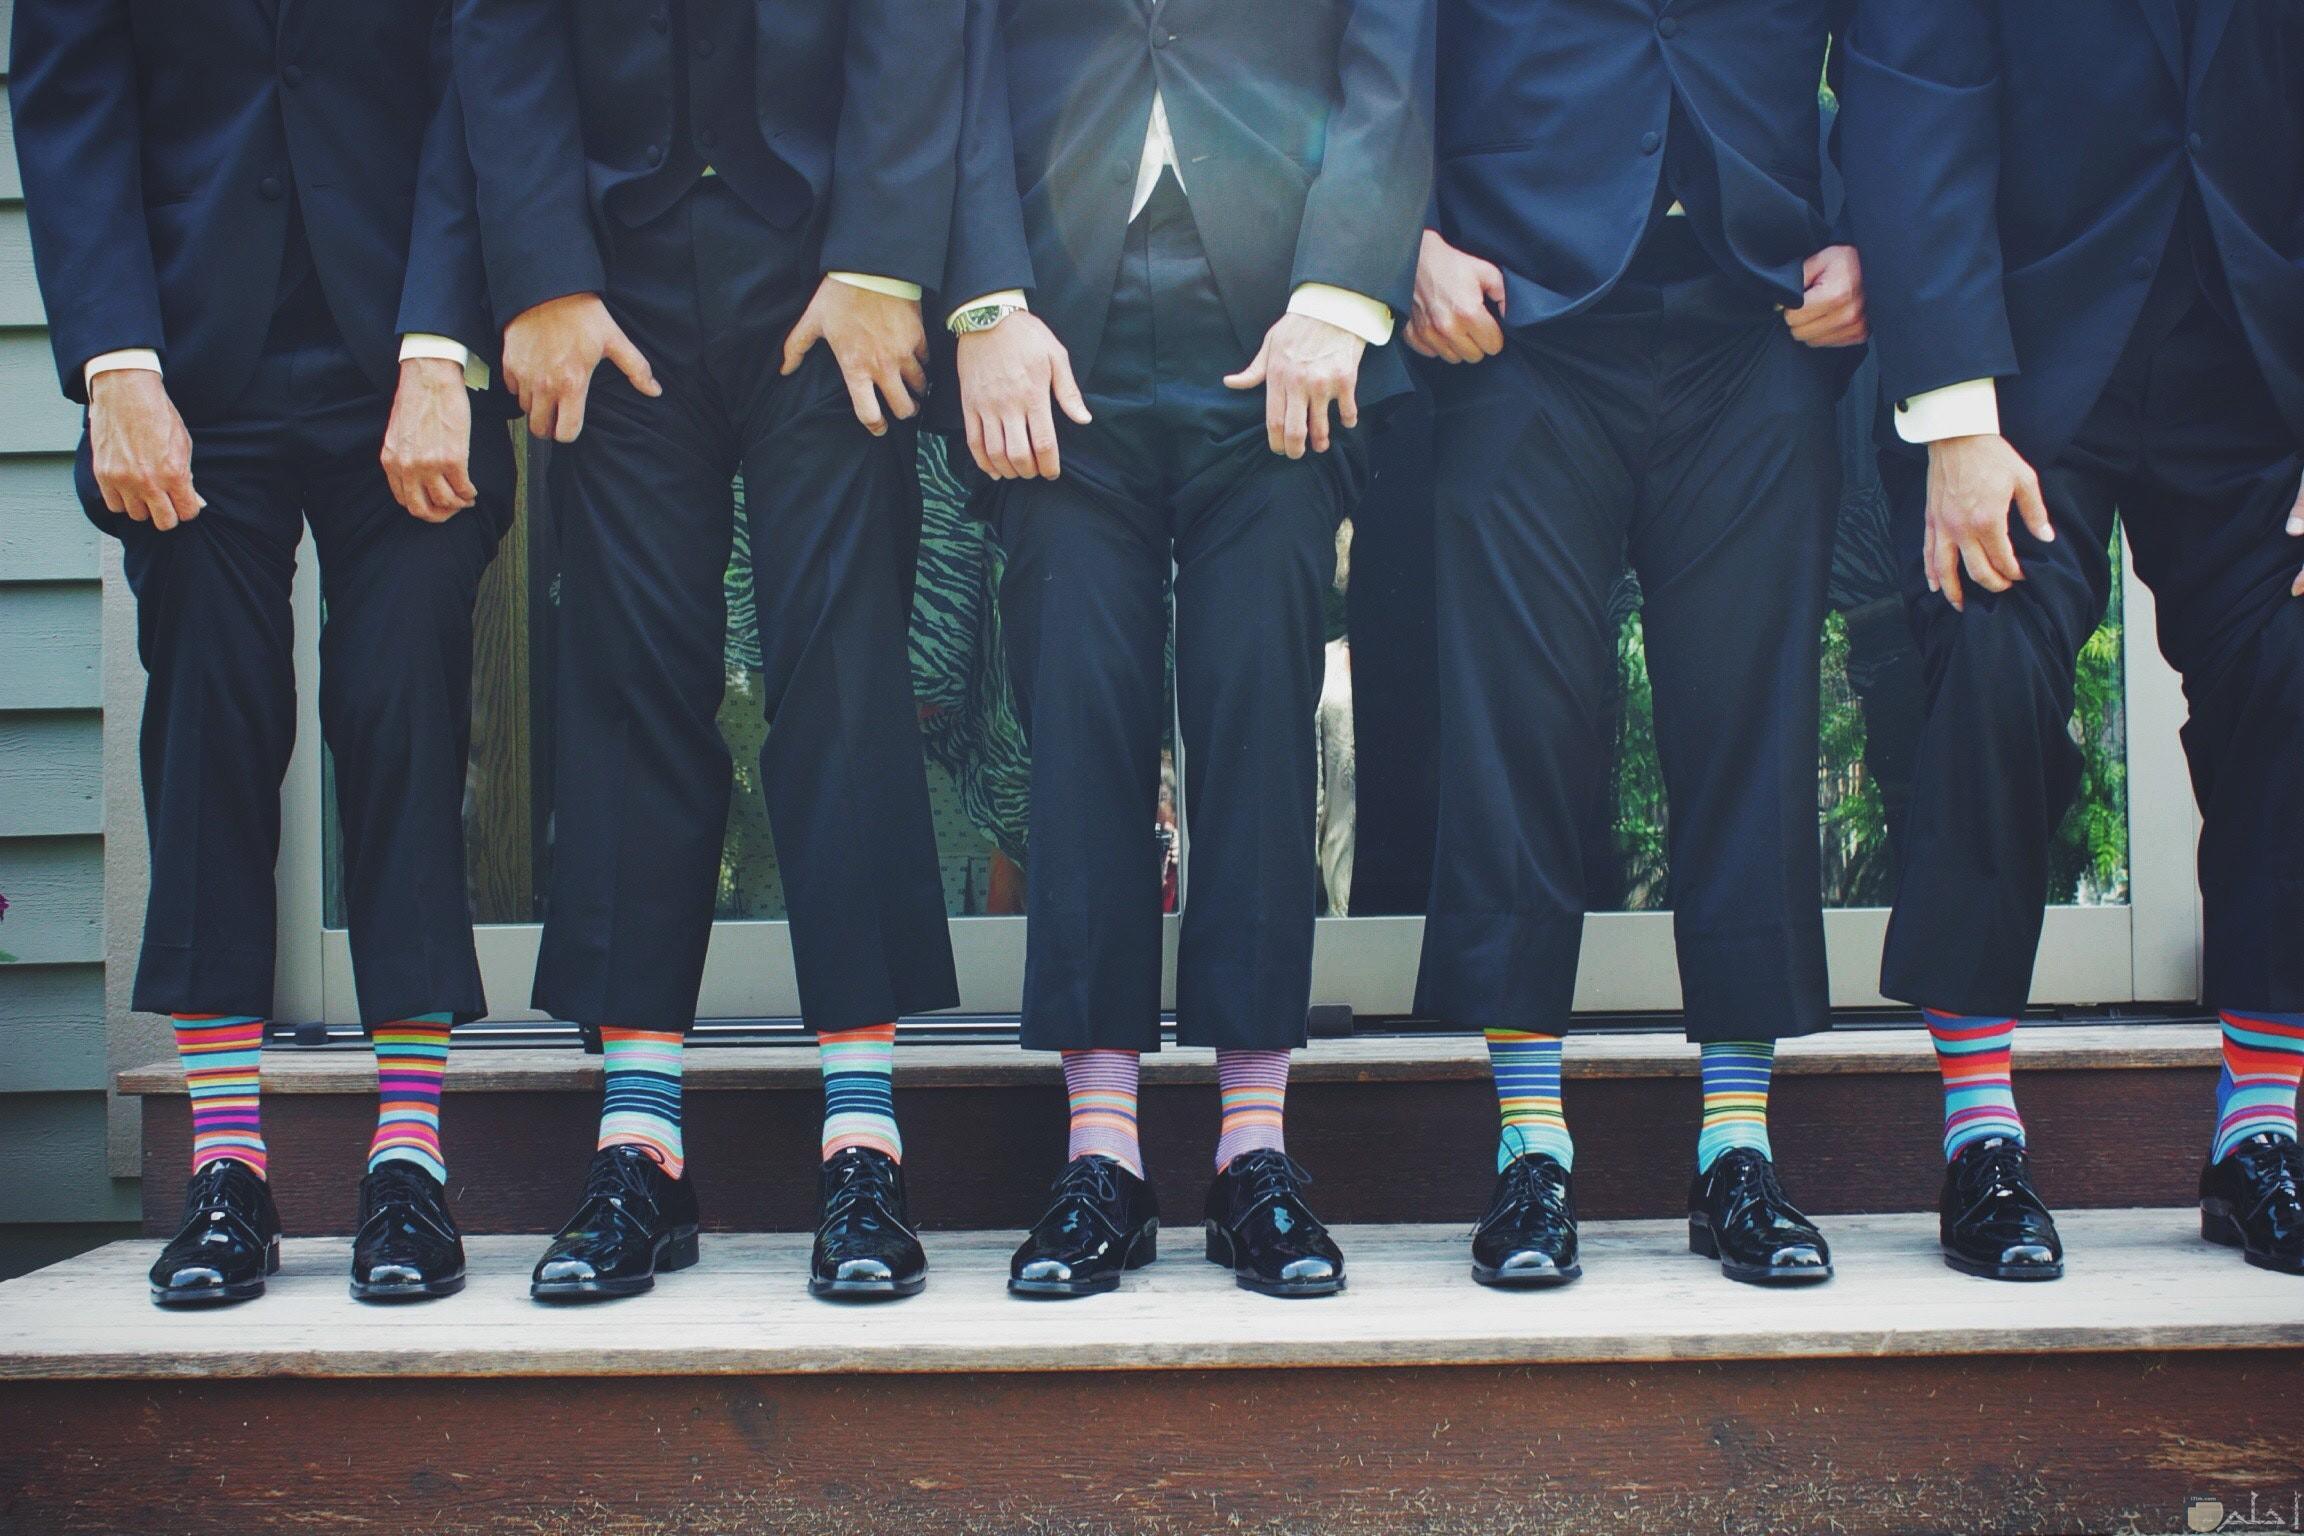 صورة غريبة ومضحكة لمجموعة من الرجال يرتدون شرابات ملونة